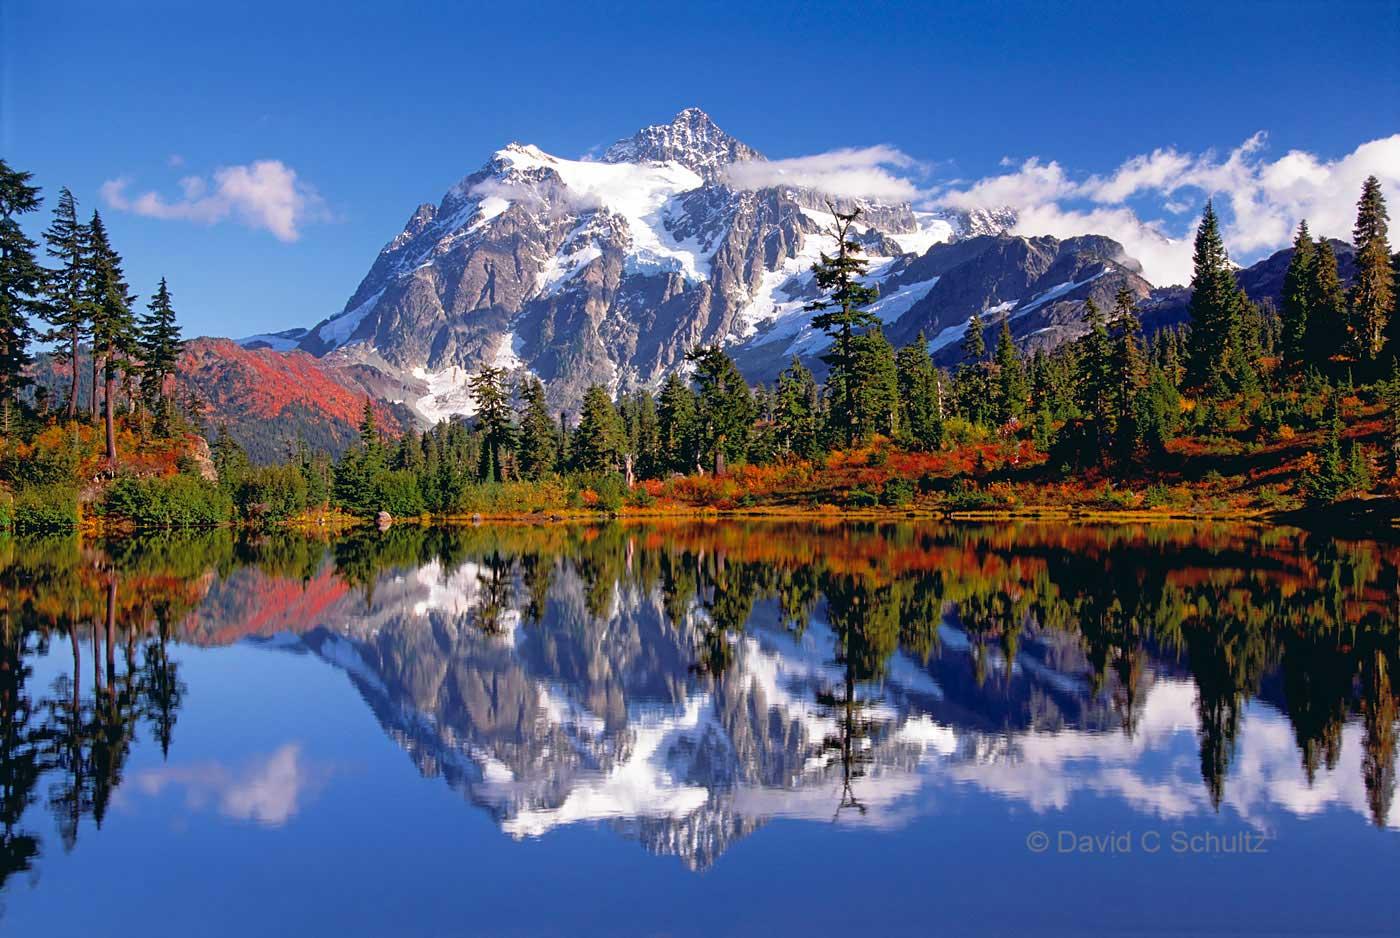 Picture Lake and Mt. Shuksan, WA - Image #68-3801